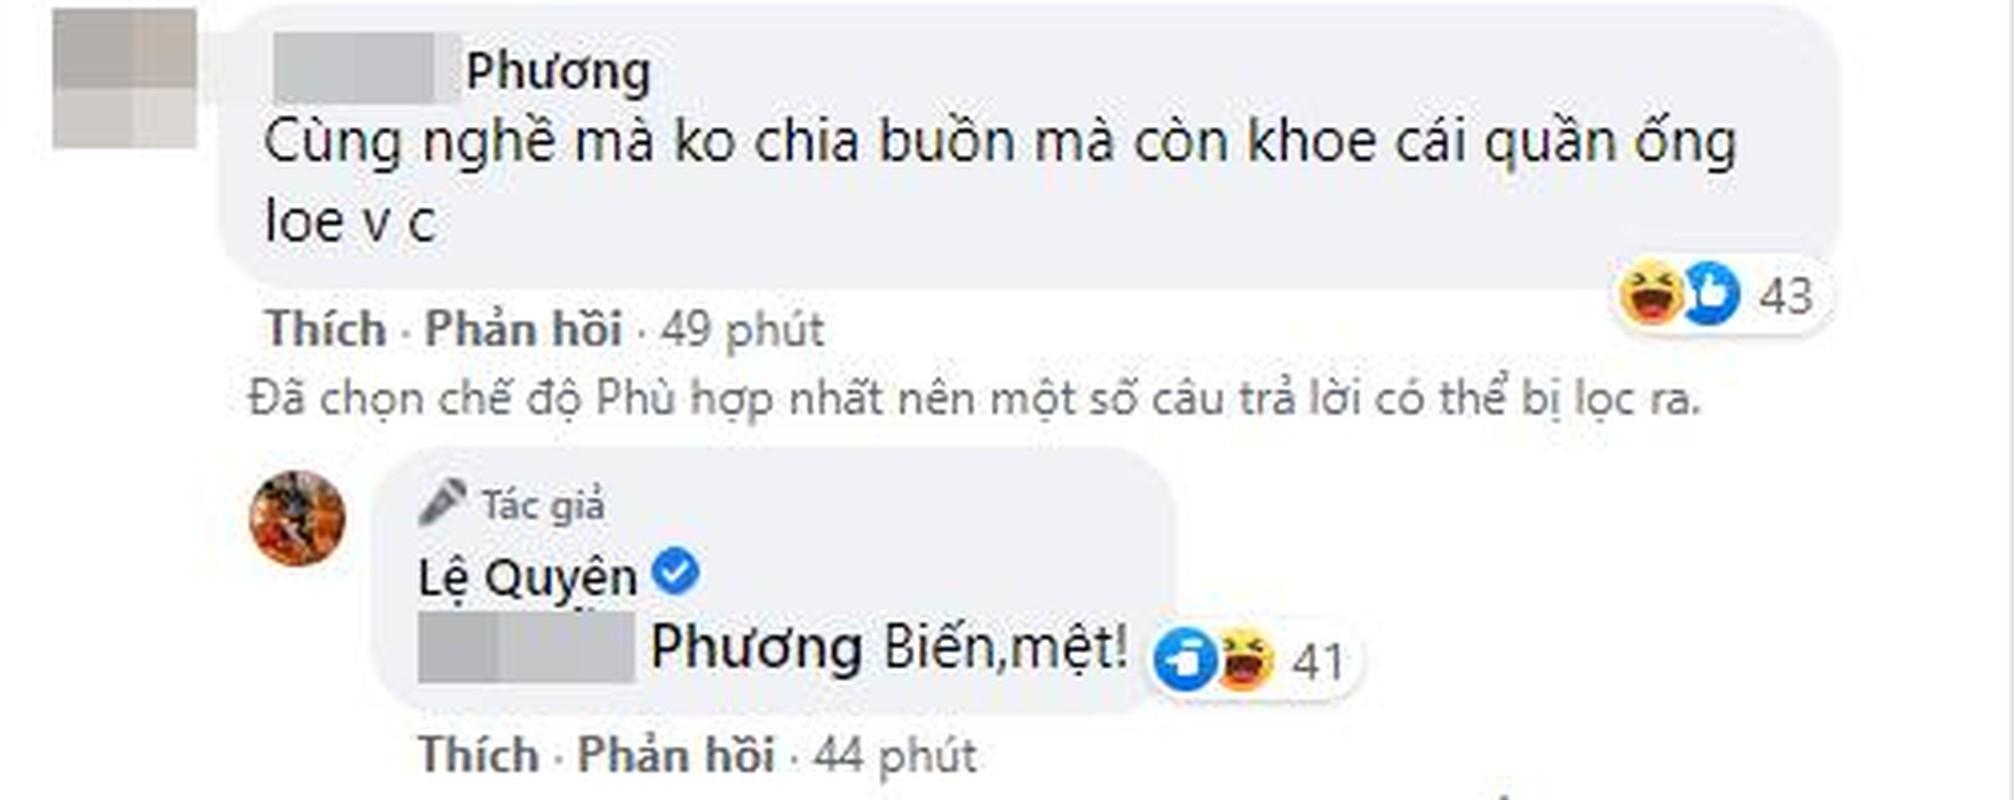 Tranh cai hanh dong cua Le Quyen ngay Phi Nhung qua doi-Hinh-6